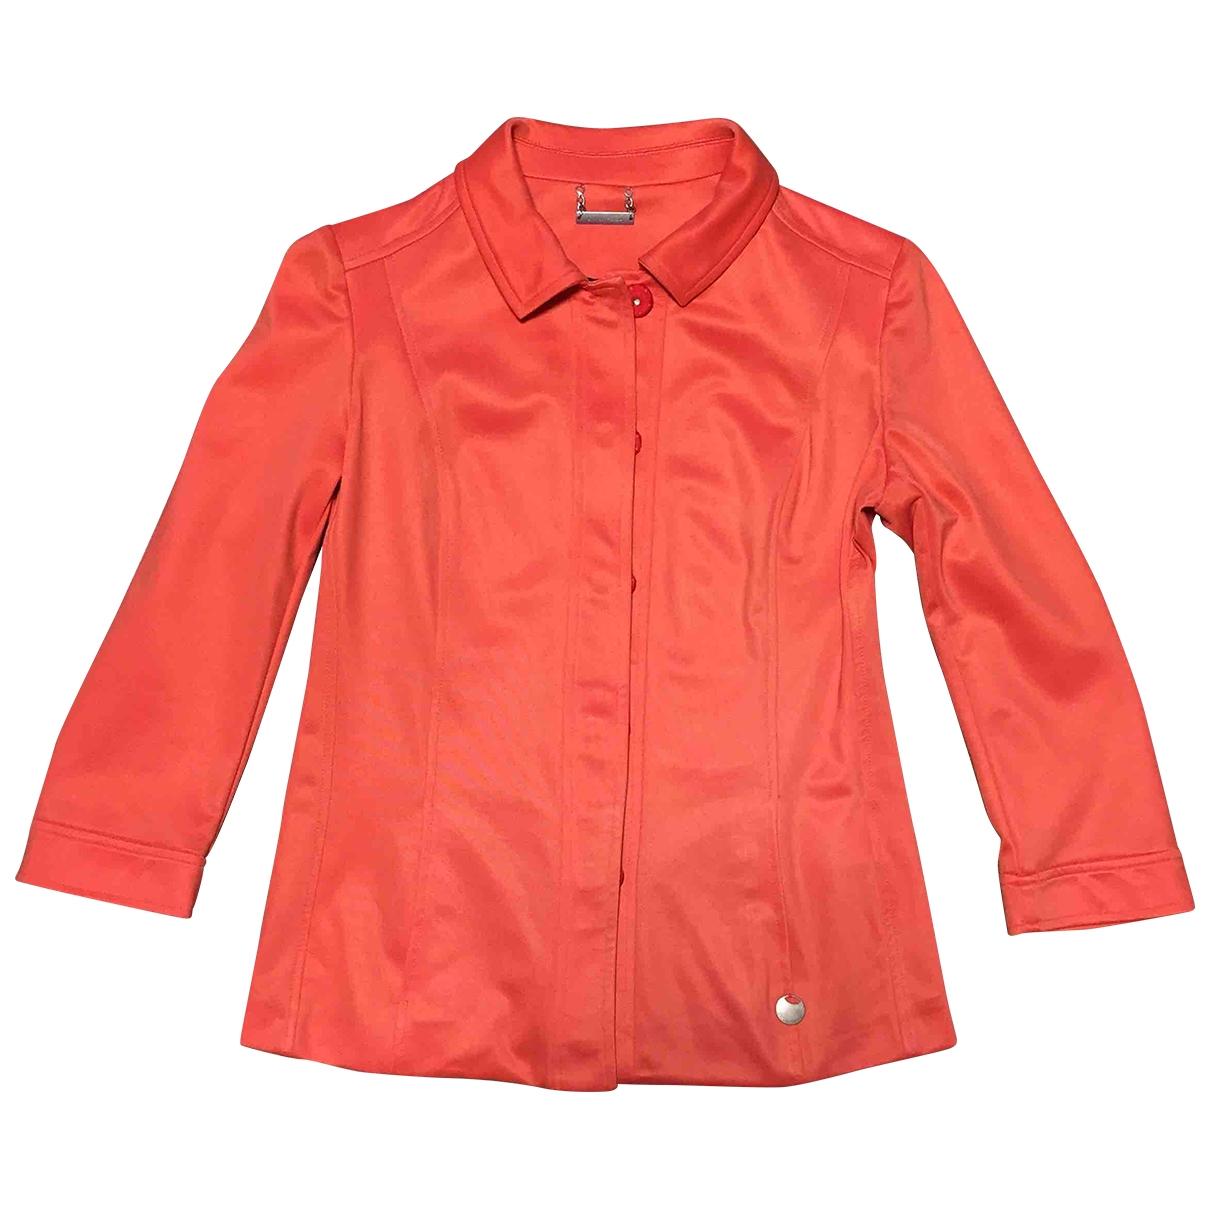 Twin Set \N Orange jacket for Women S International